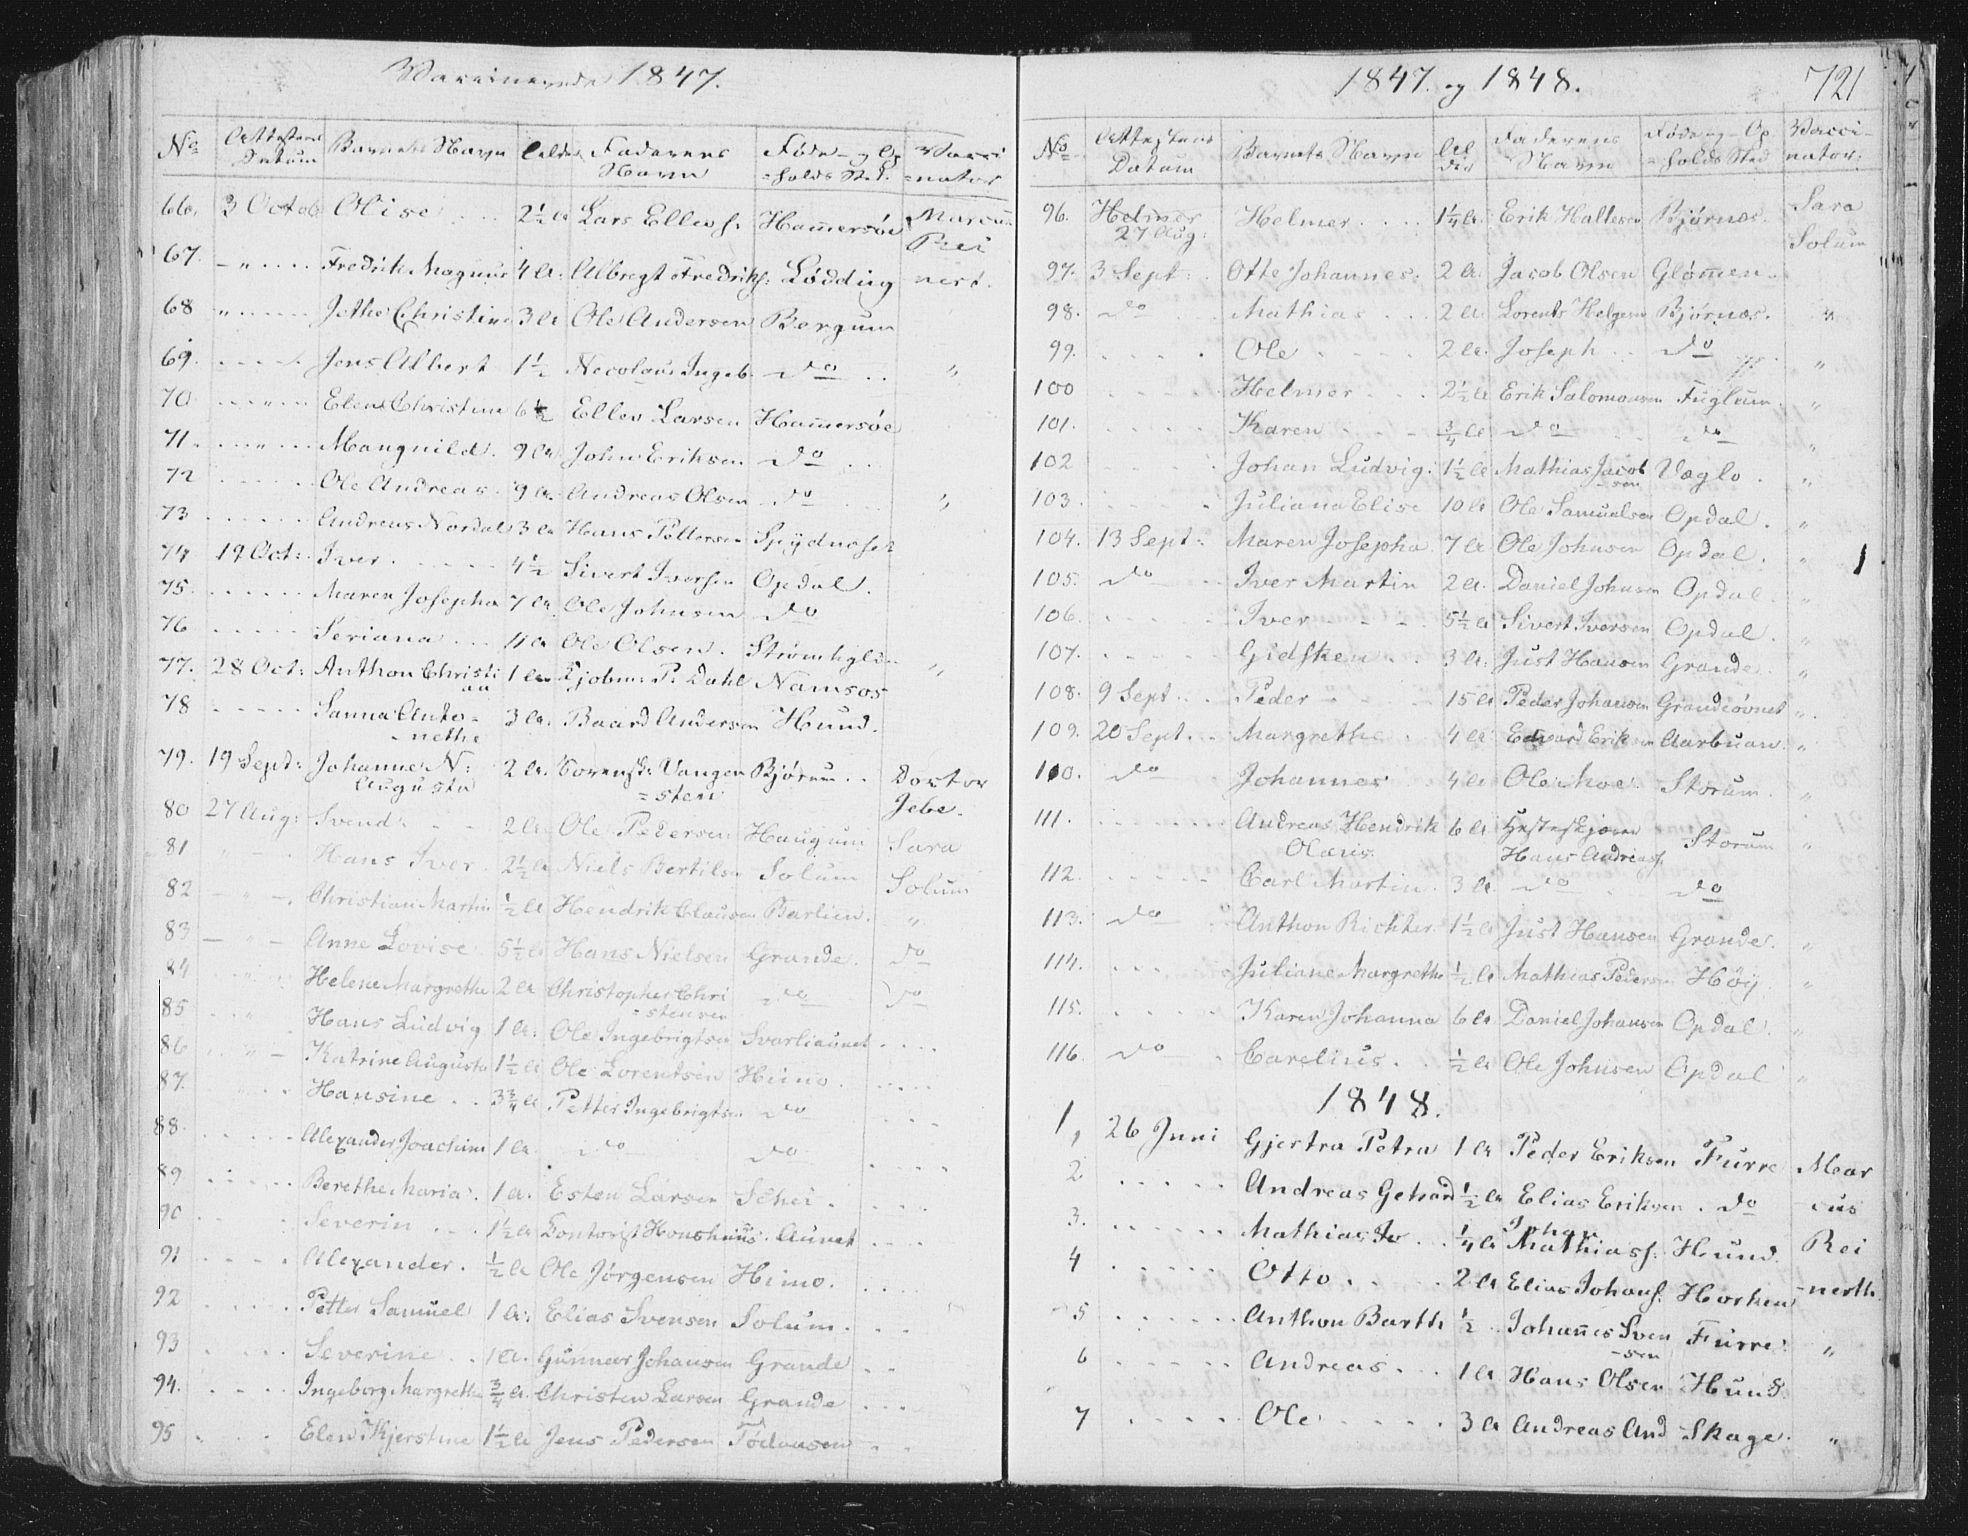 SAT, Ministerialprotokoller, klokkerbøker og fødselsregistre - Nord-Trøndelag, 764/L0552: Ministerialbok nr. 764A07b, 1824-1865, s. 721